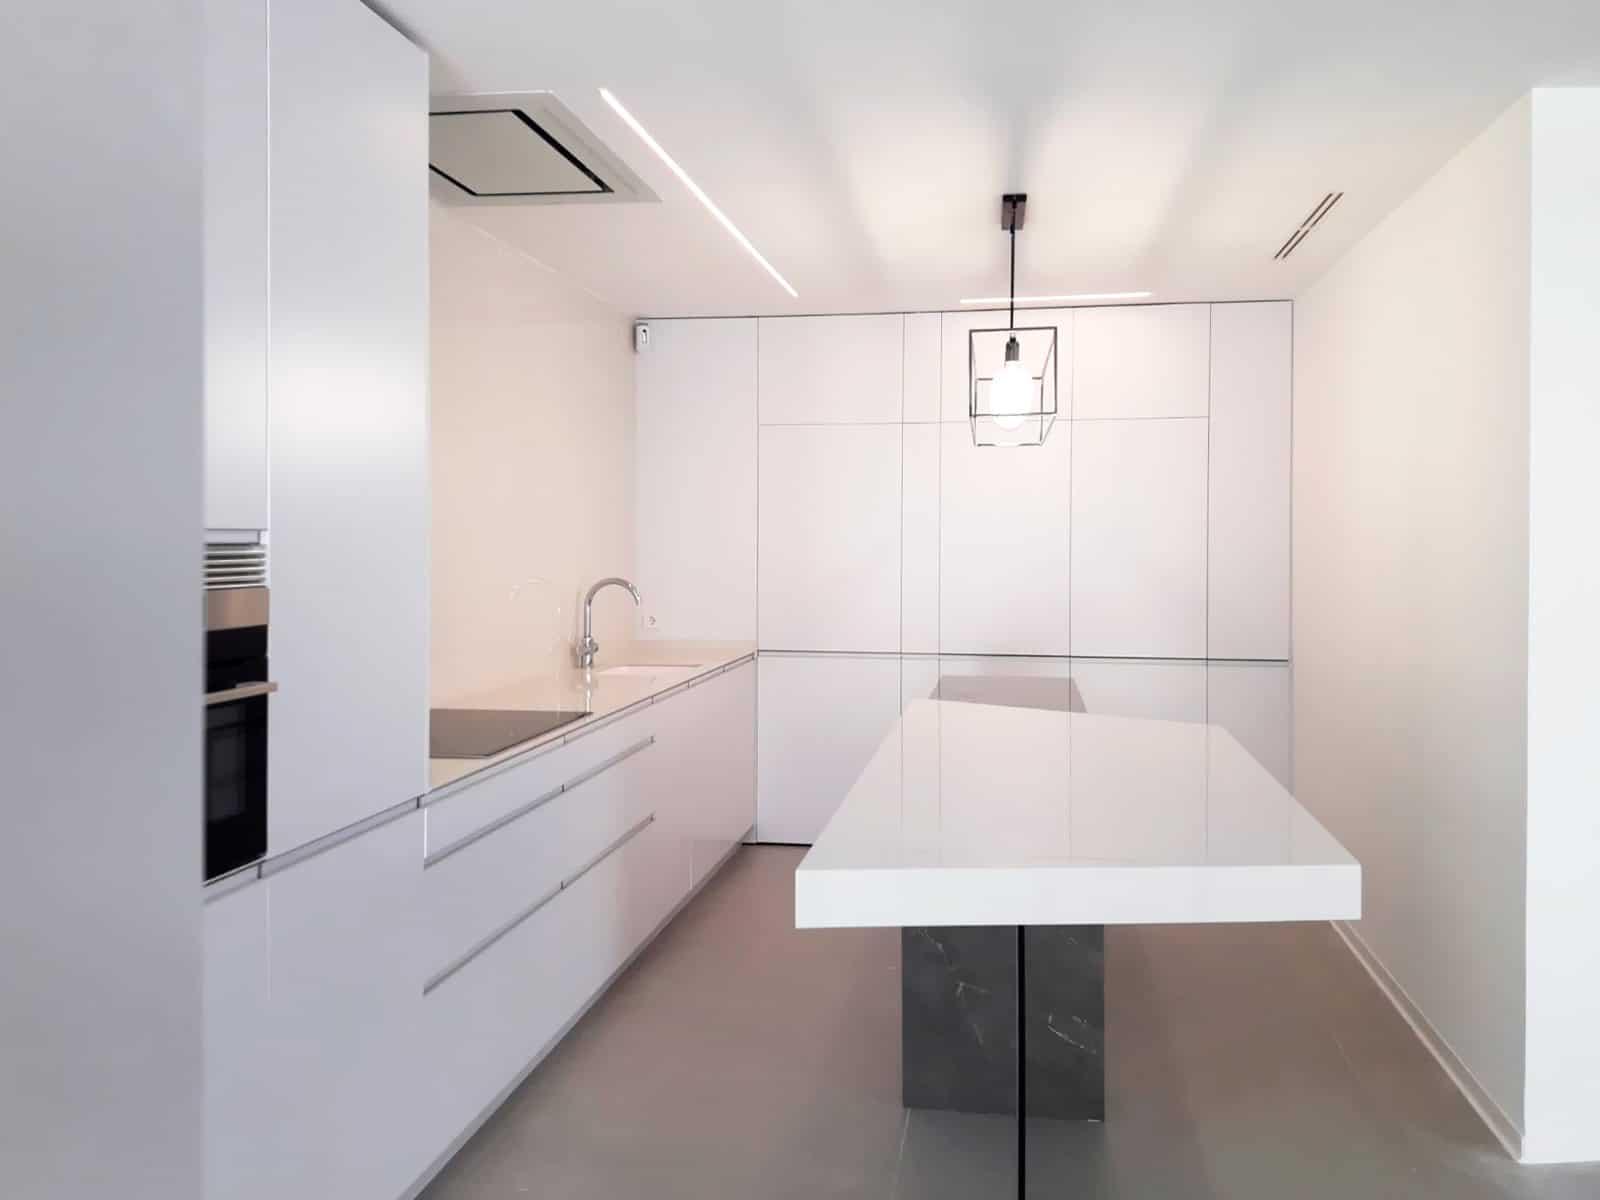 Vista general de cocina en color blanco mate distribuida en ele y con isla central